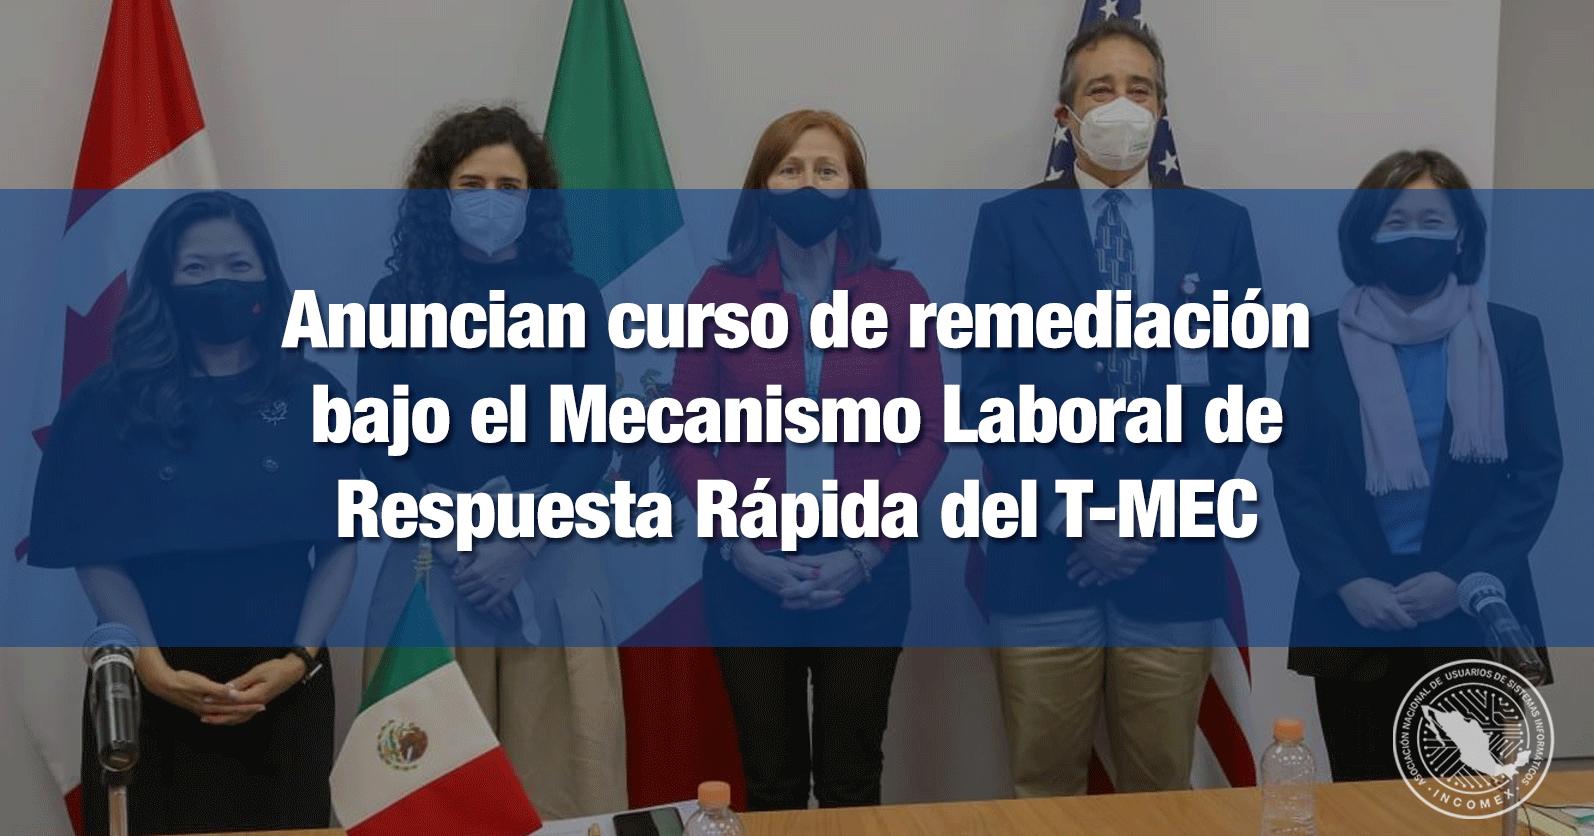 Anuncian curso de remediación bajo el Mecanismo Laboral de Respuesta Rápida del T-MEC